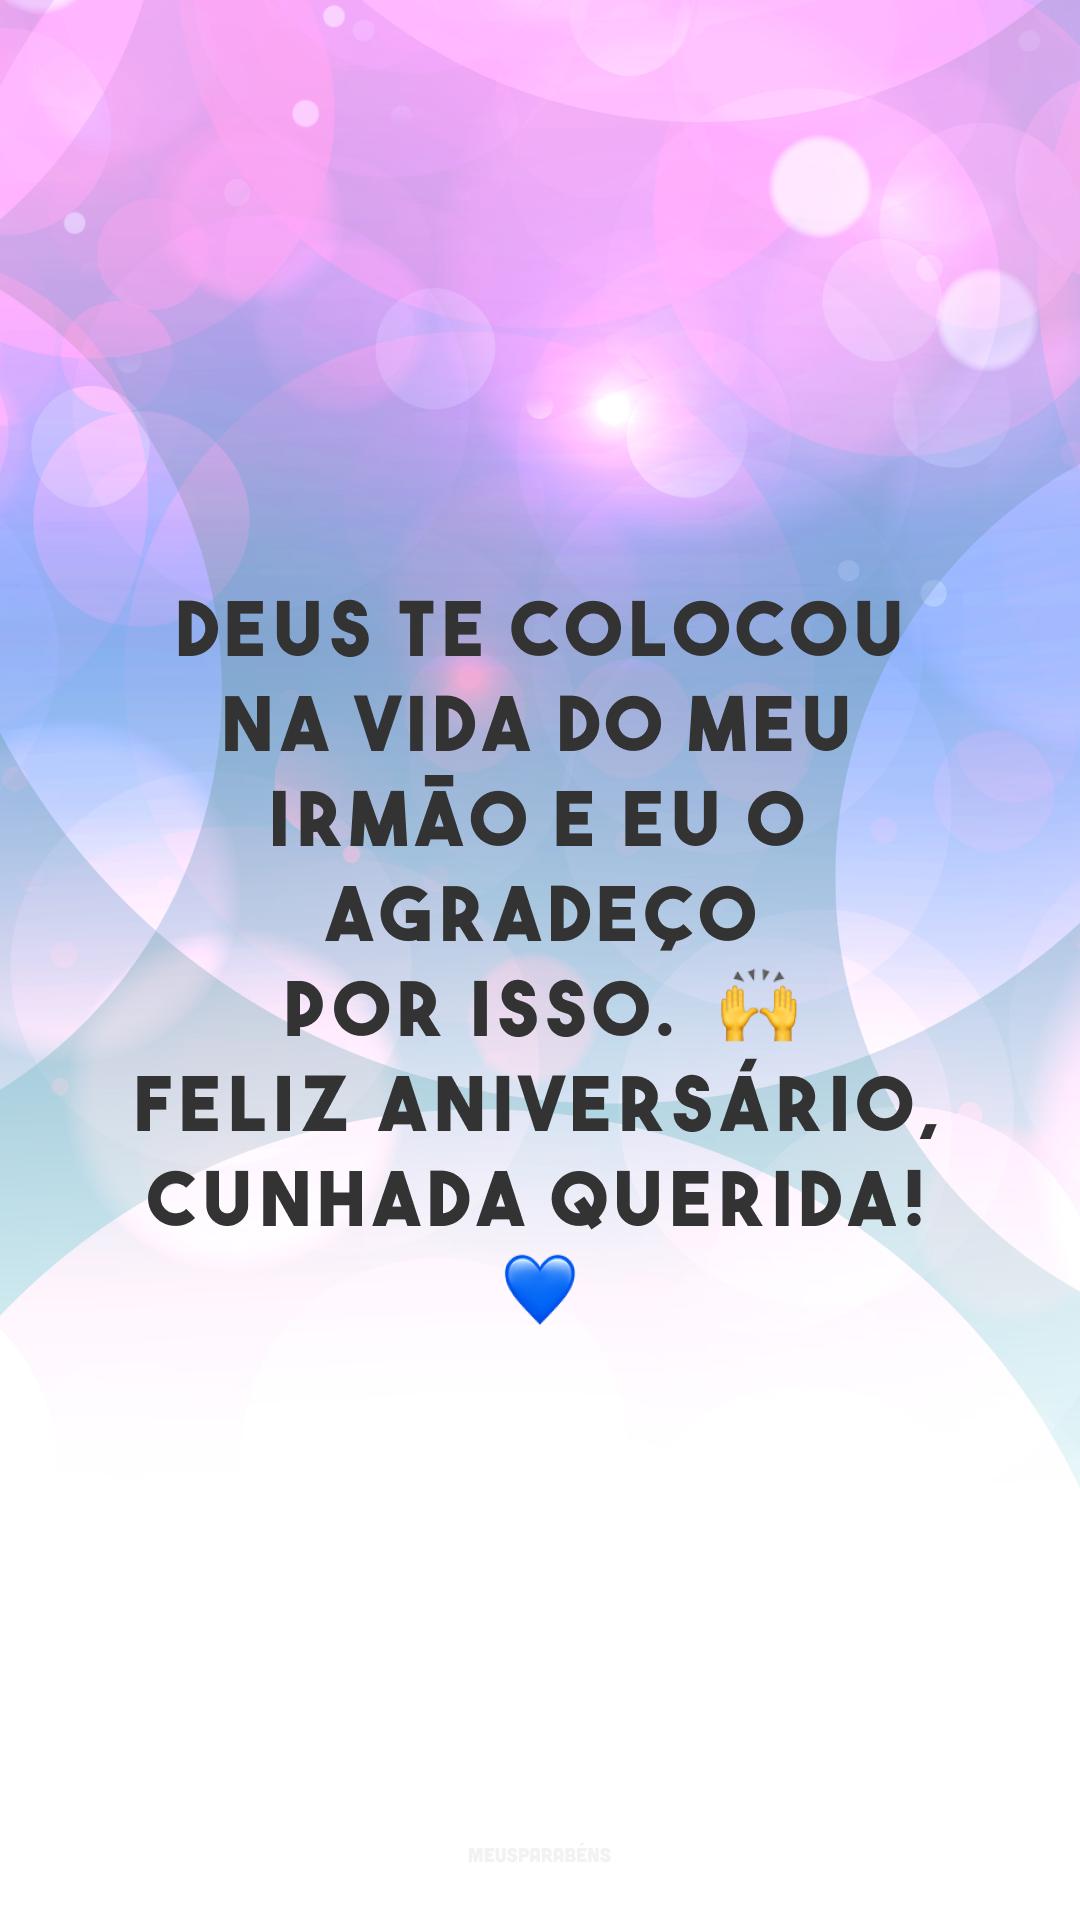 Deus te colocou na vida do meu irmão e eu o agradeço por isso.  🙌 Feliz aniversário, cunhada querida! 💙